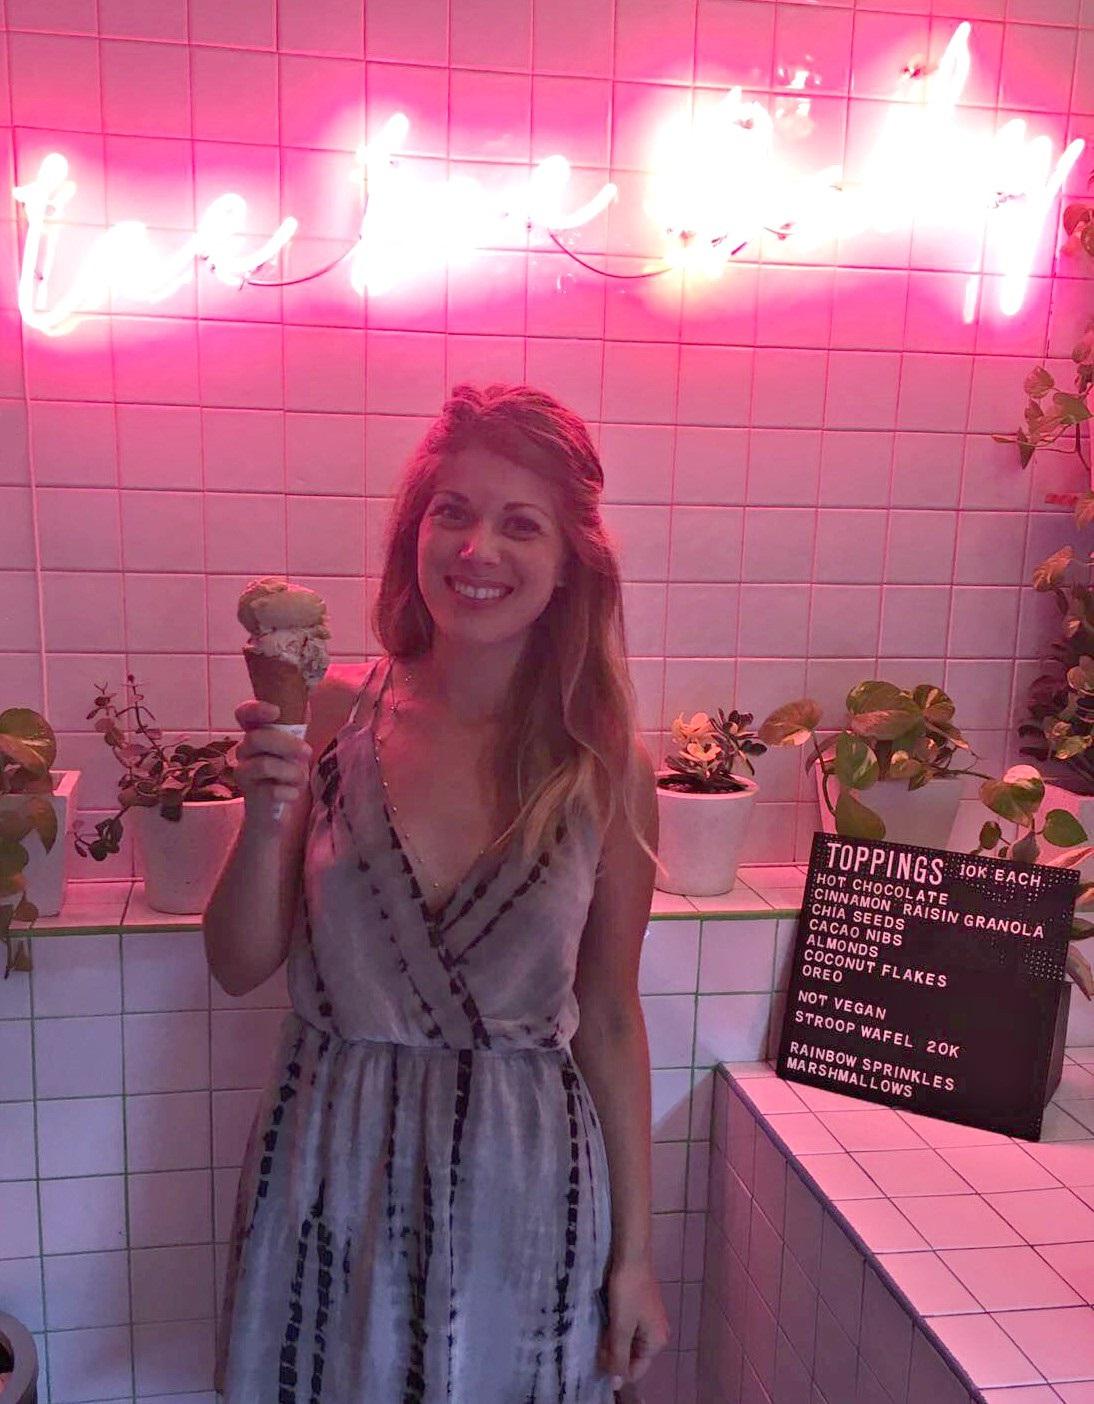 ice cream seminyak bali